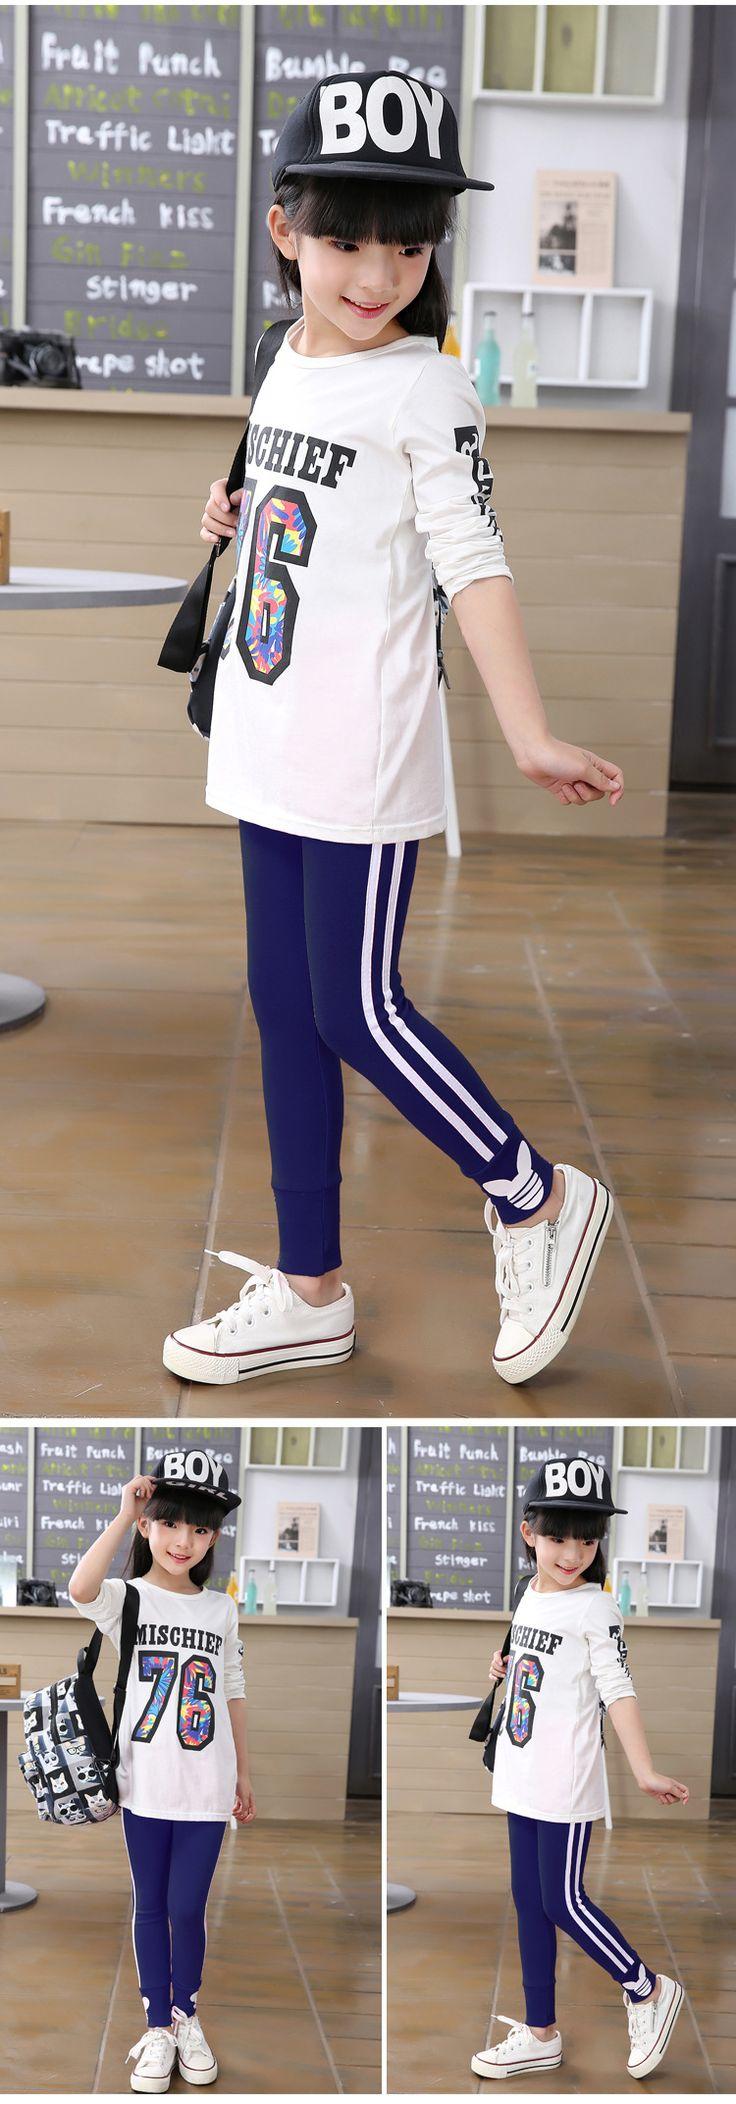 Wiosna jesień dziewczyny legginsy spodnie bawełniane dla dziewczyn sportowe legginsy dziewczyny ubrania 3 8 Lat w Wiosna jesień dziewczyny legginsy spodnie bawełniane dla dziewczyn sportowe legginsy dziewczyny ubrania 3-8 Lat od Pants na Aliexpress.com | Grupa Alibaba